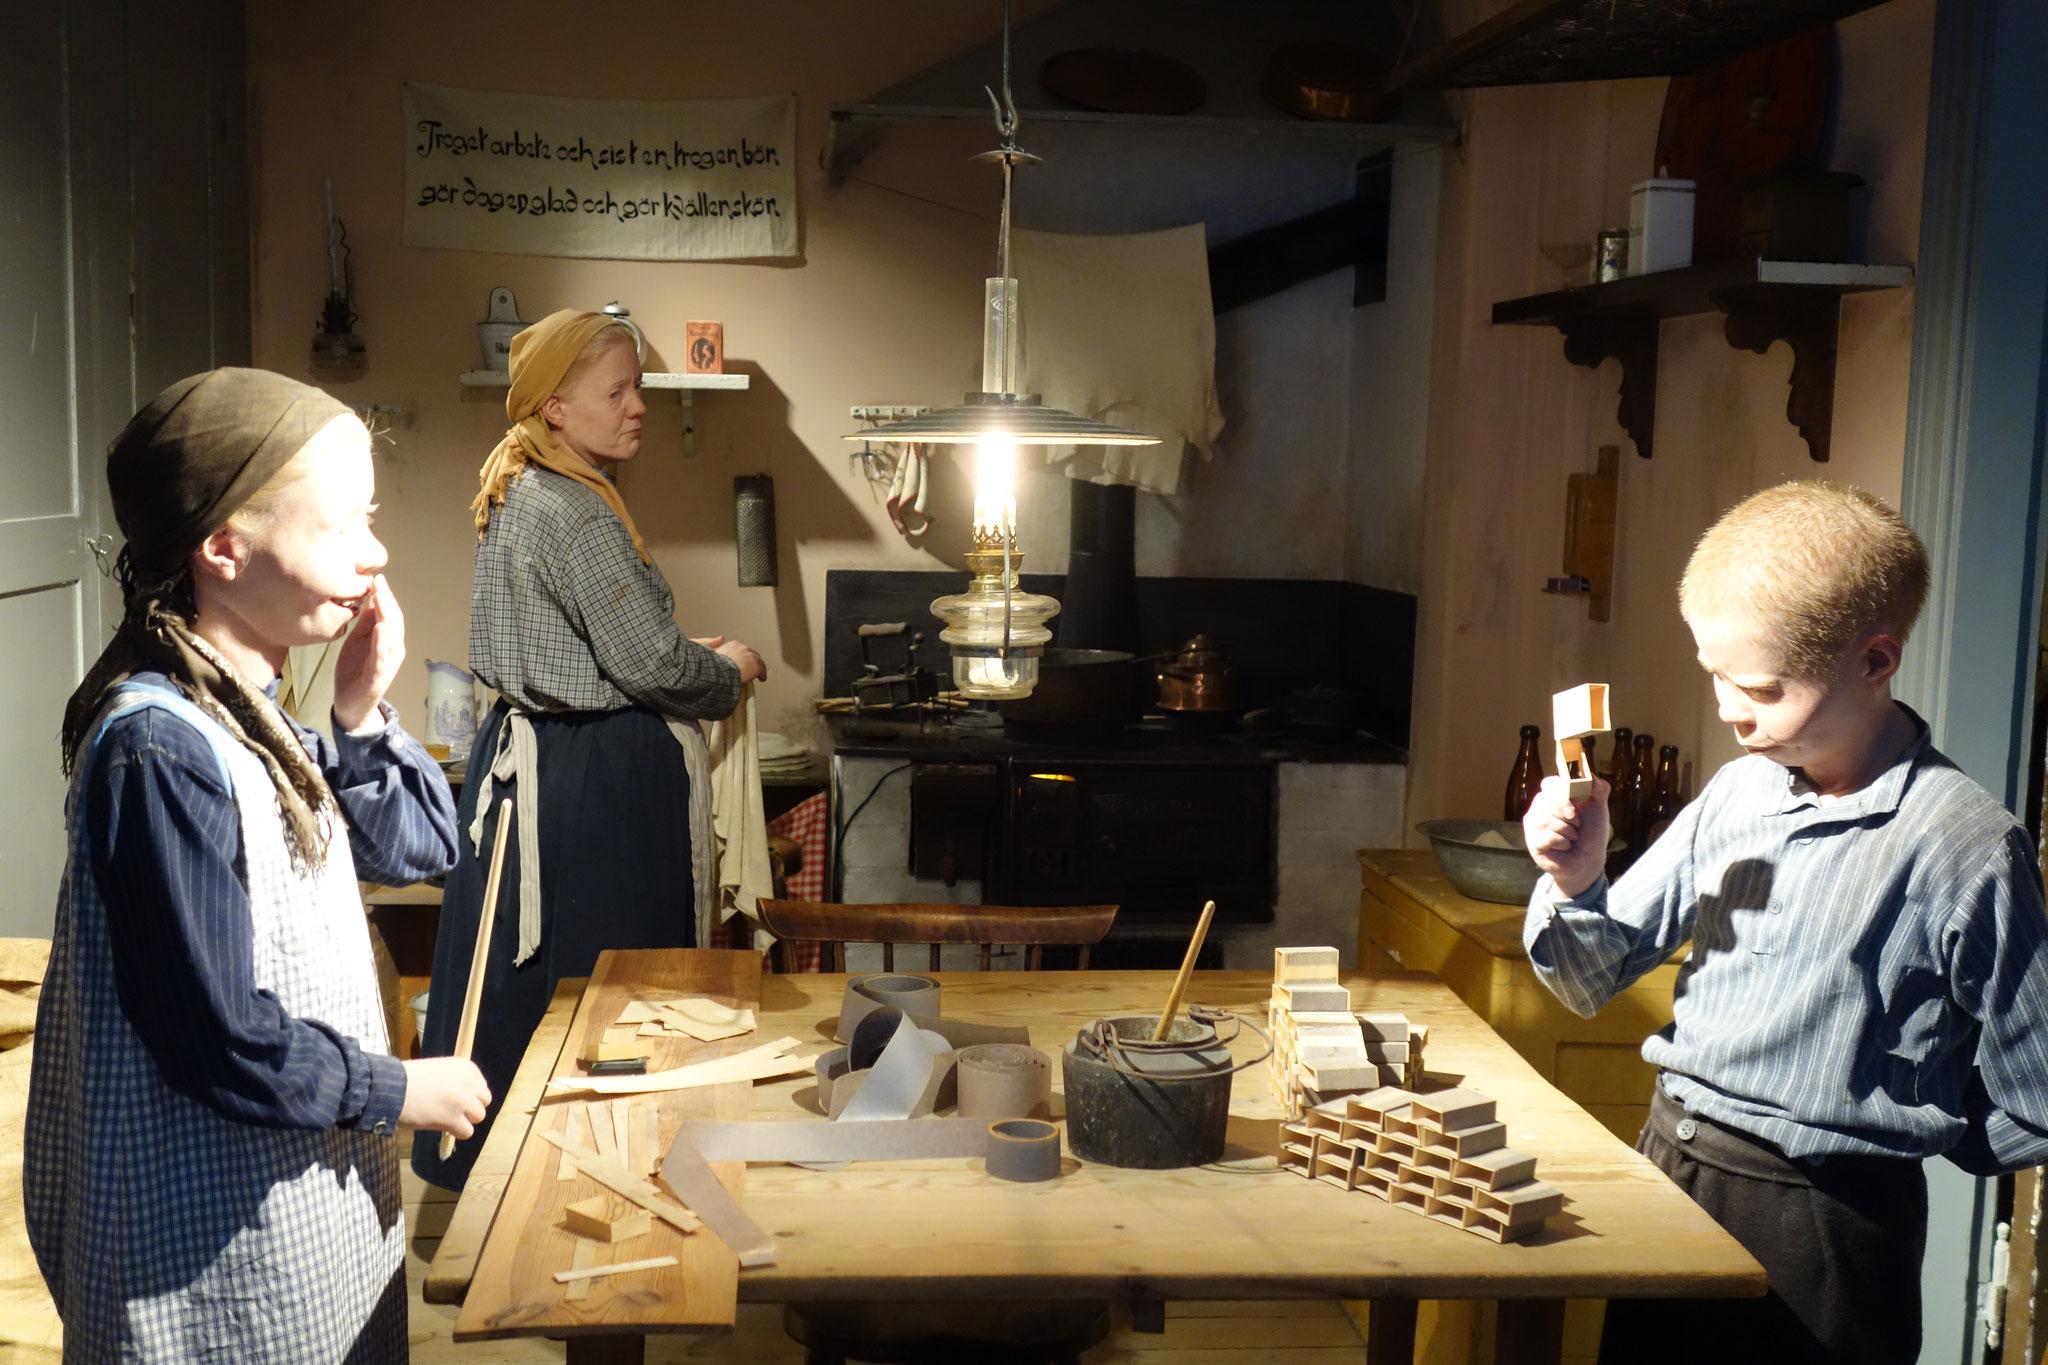 Streichholzmuseum in Jönköping